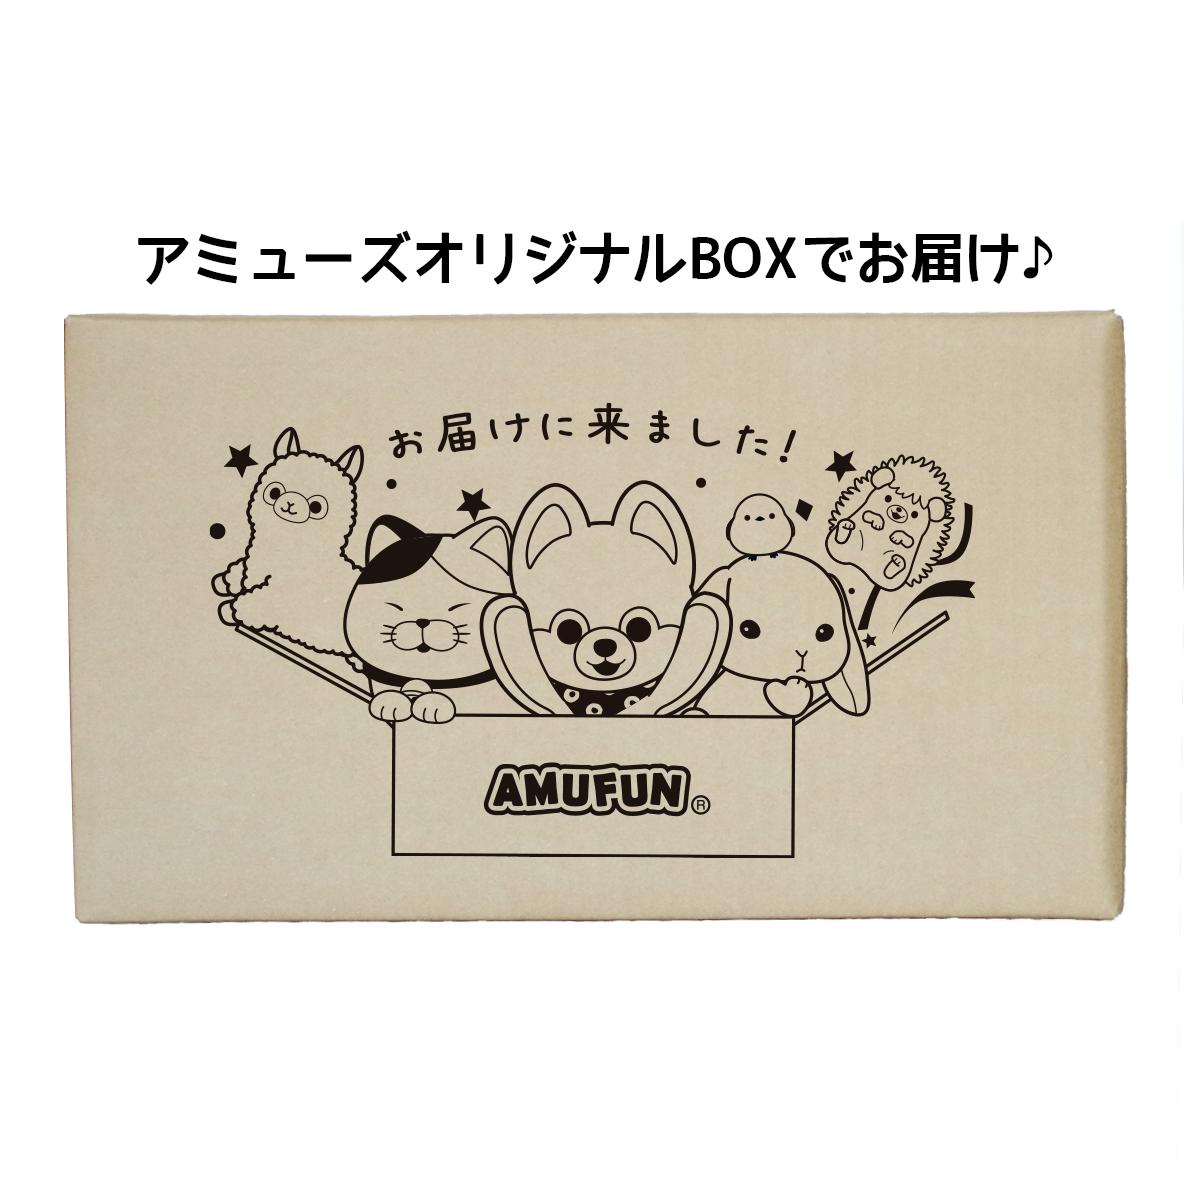 【数量限定】スペシャルアミュ箱(大)